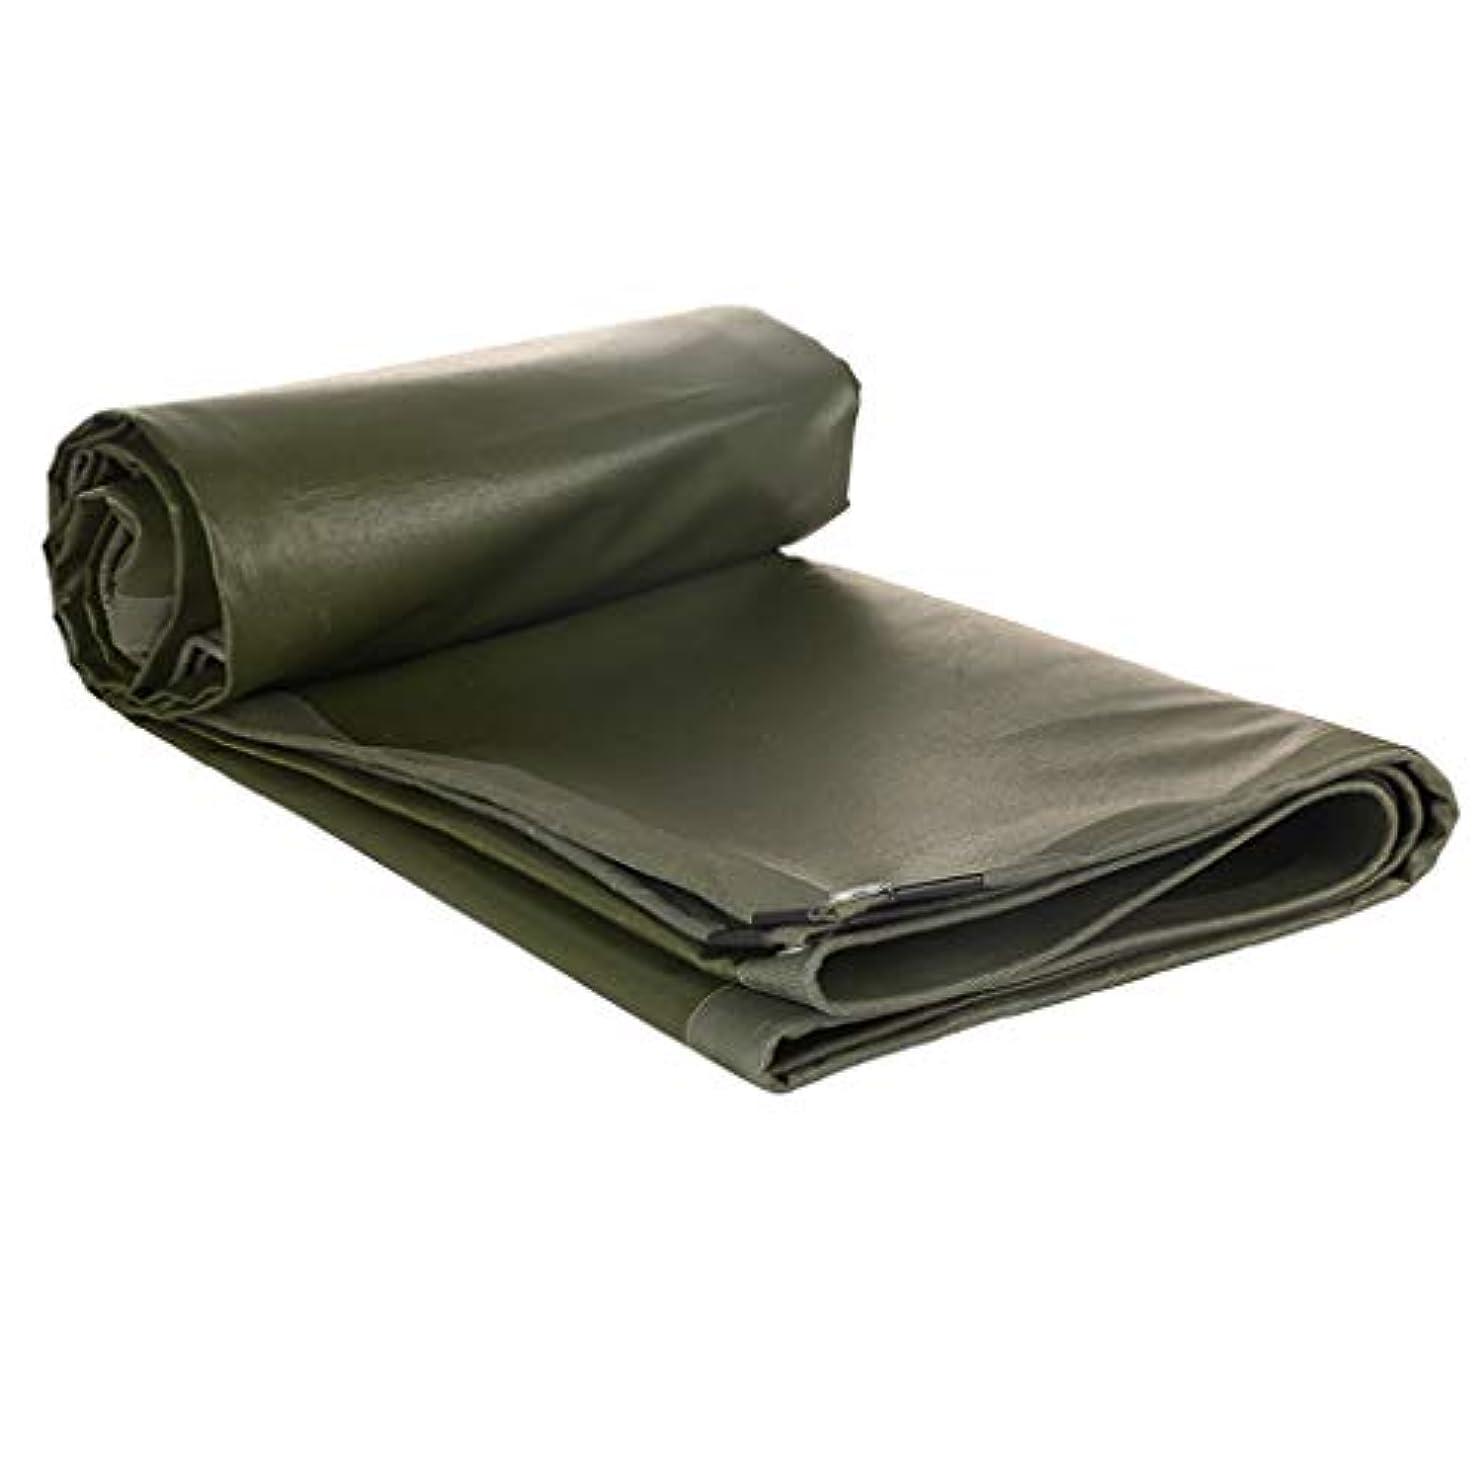 約滴下意図するNwn アイレットが付いている頑丈な防水ターポリン、厚く日焼け止めの防水シートシートの防雨の日除けの小屋の布 - 600g / mの²、緑 (サイズ さいず : 4x6m)